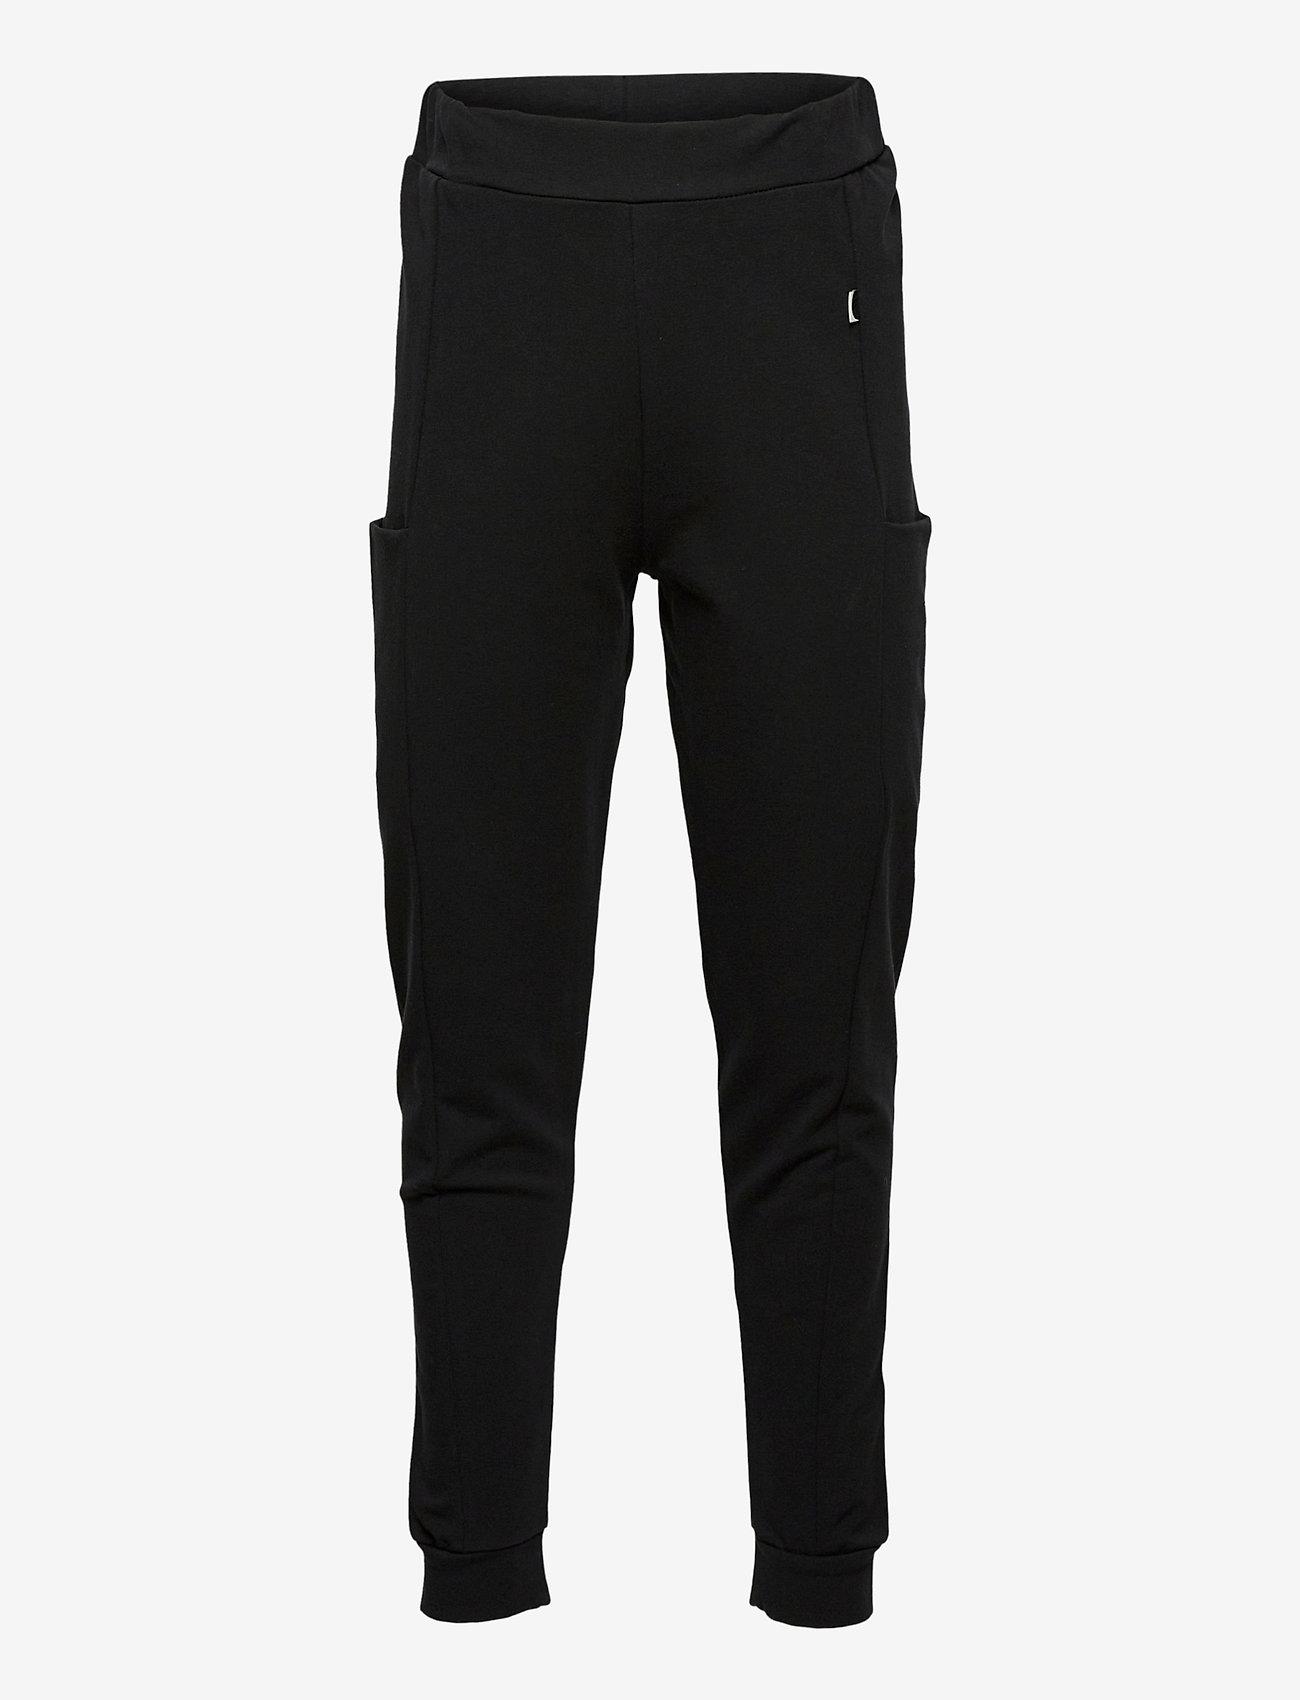 Papu - THIGH POCKET PANTS KID - jogginghosen - black - 0